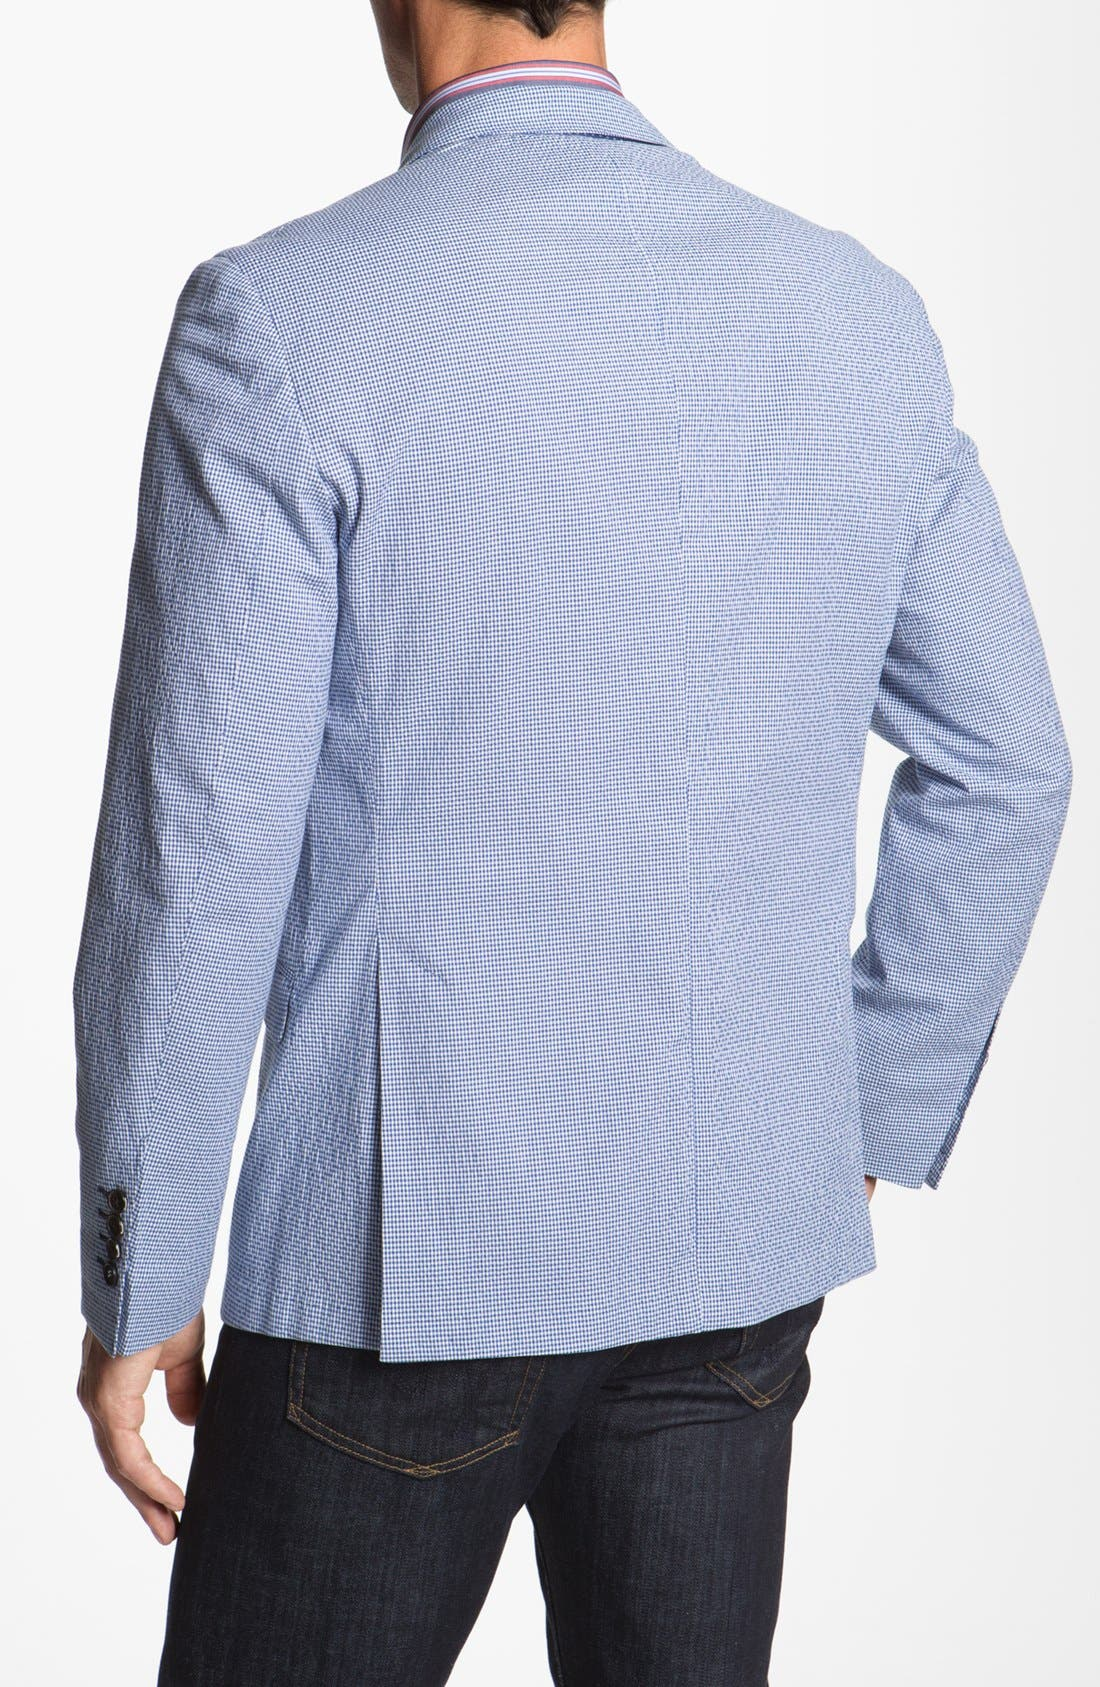 Alternate Image 2  - Façonnable 'Veste' Sportcoat